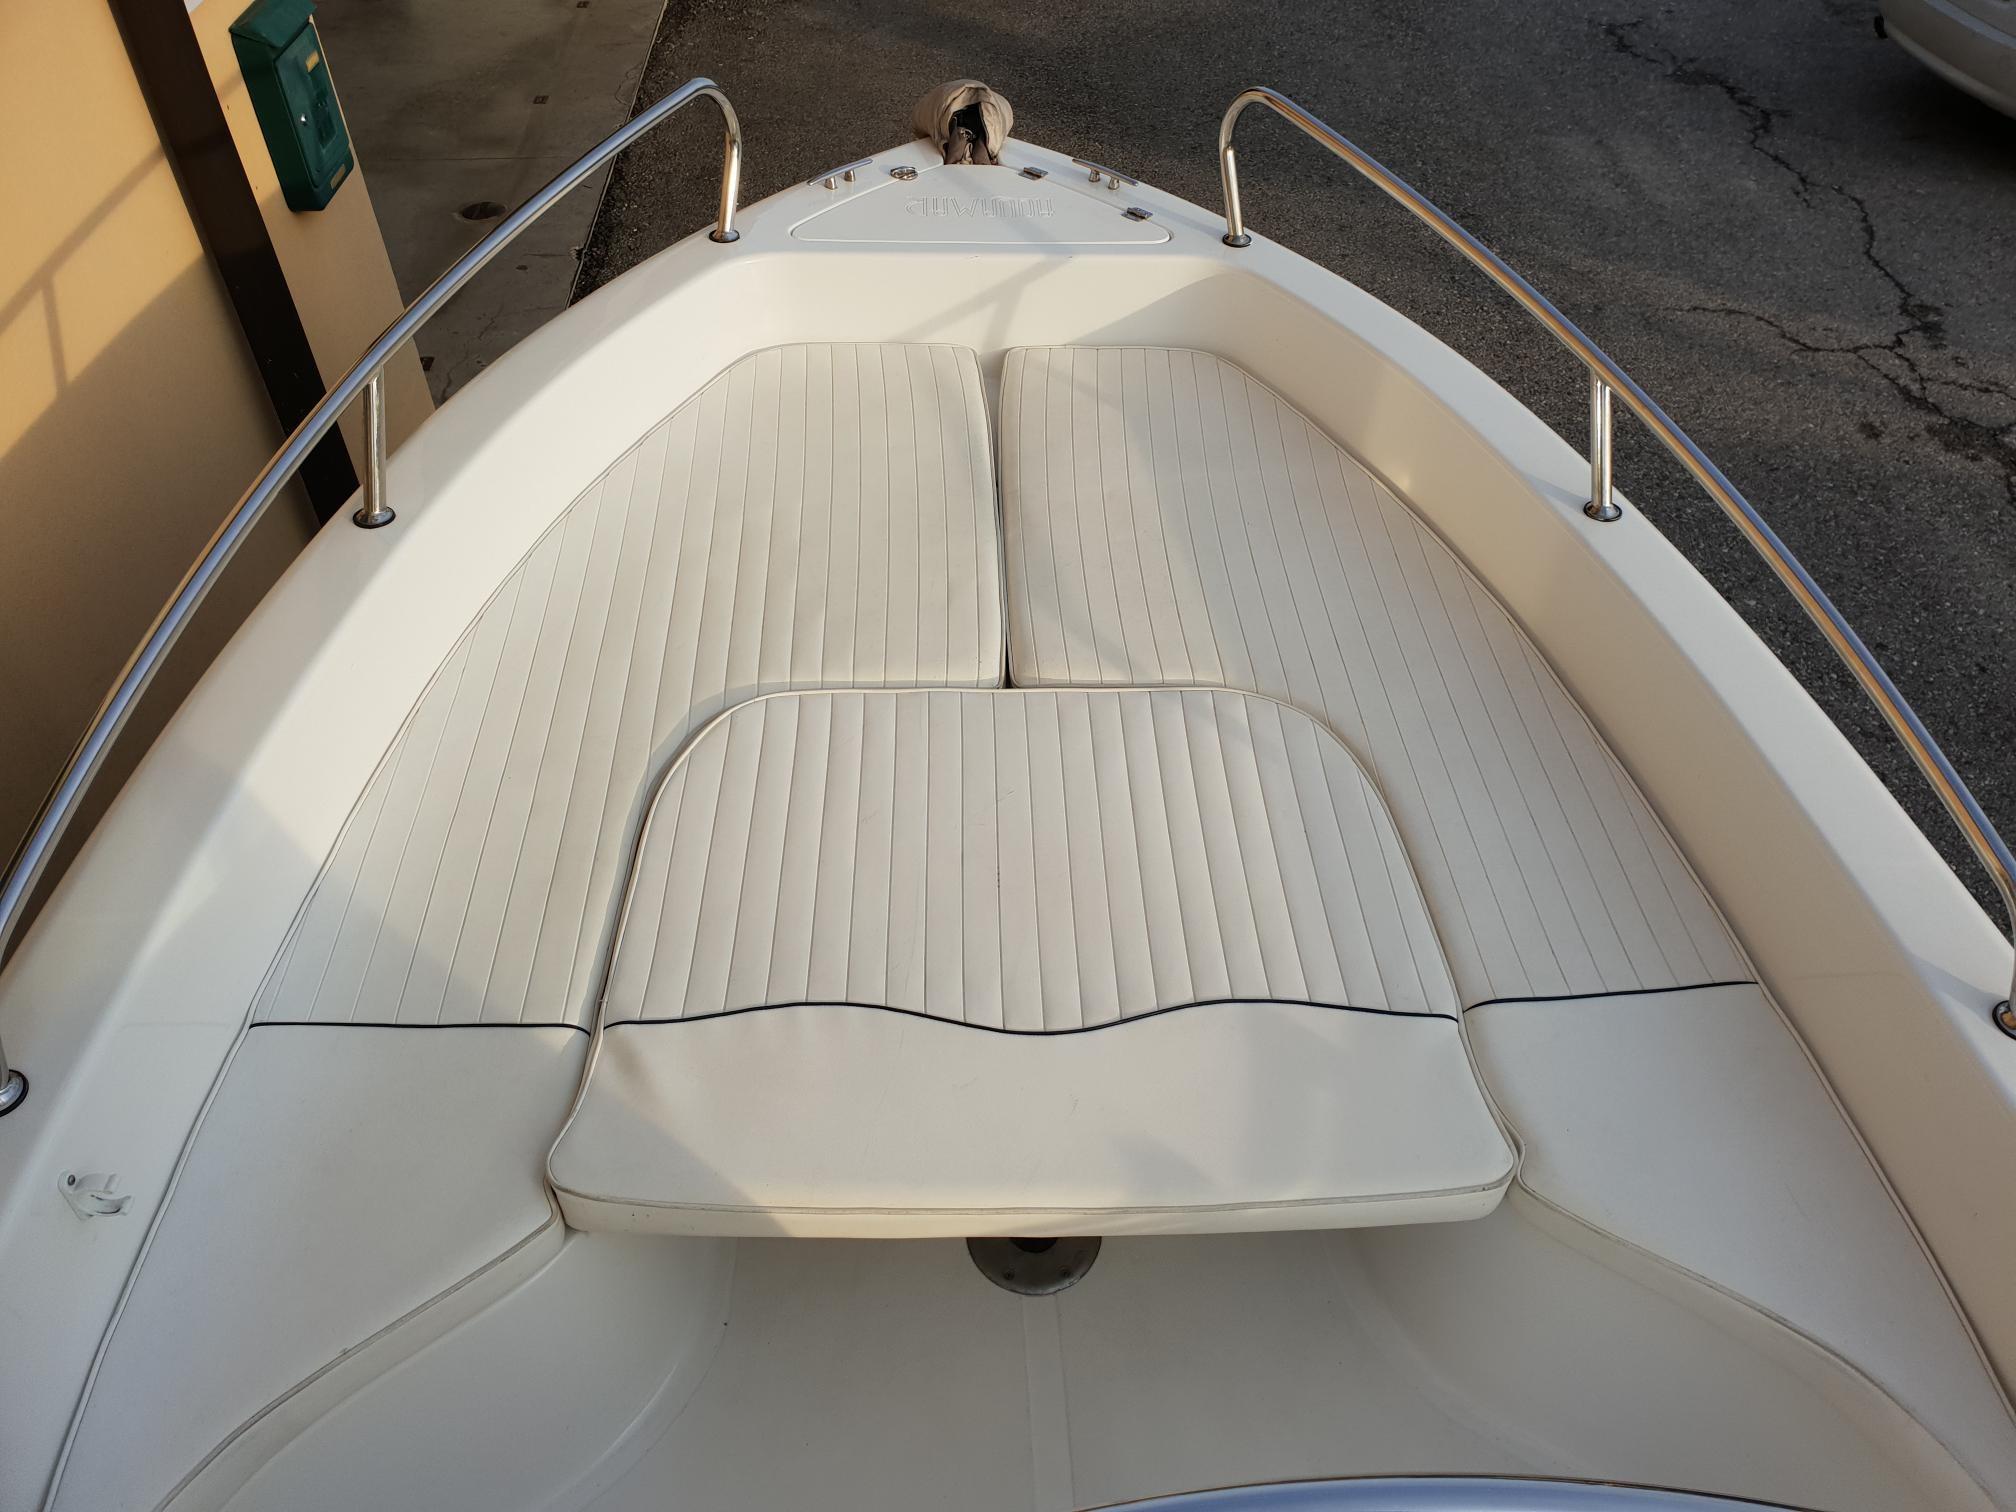 Foto Barca open Aquamar + Selva F40 + Carrello stradale - 3